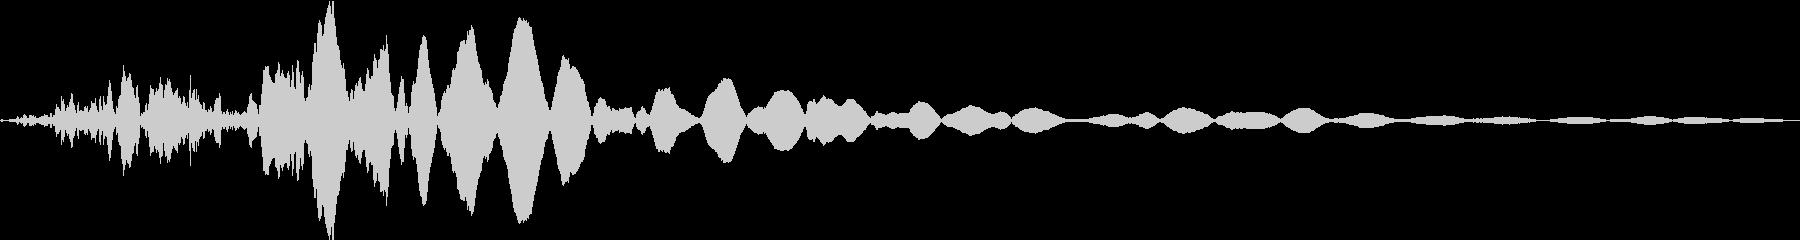 重低音インパクトガタガタ、ガタガタ...の未再生の波形